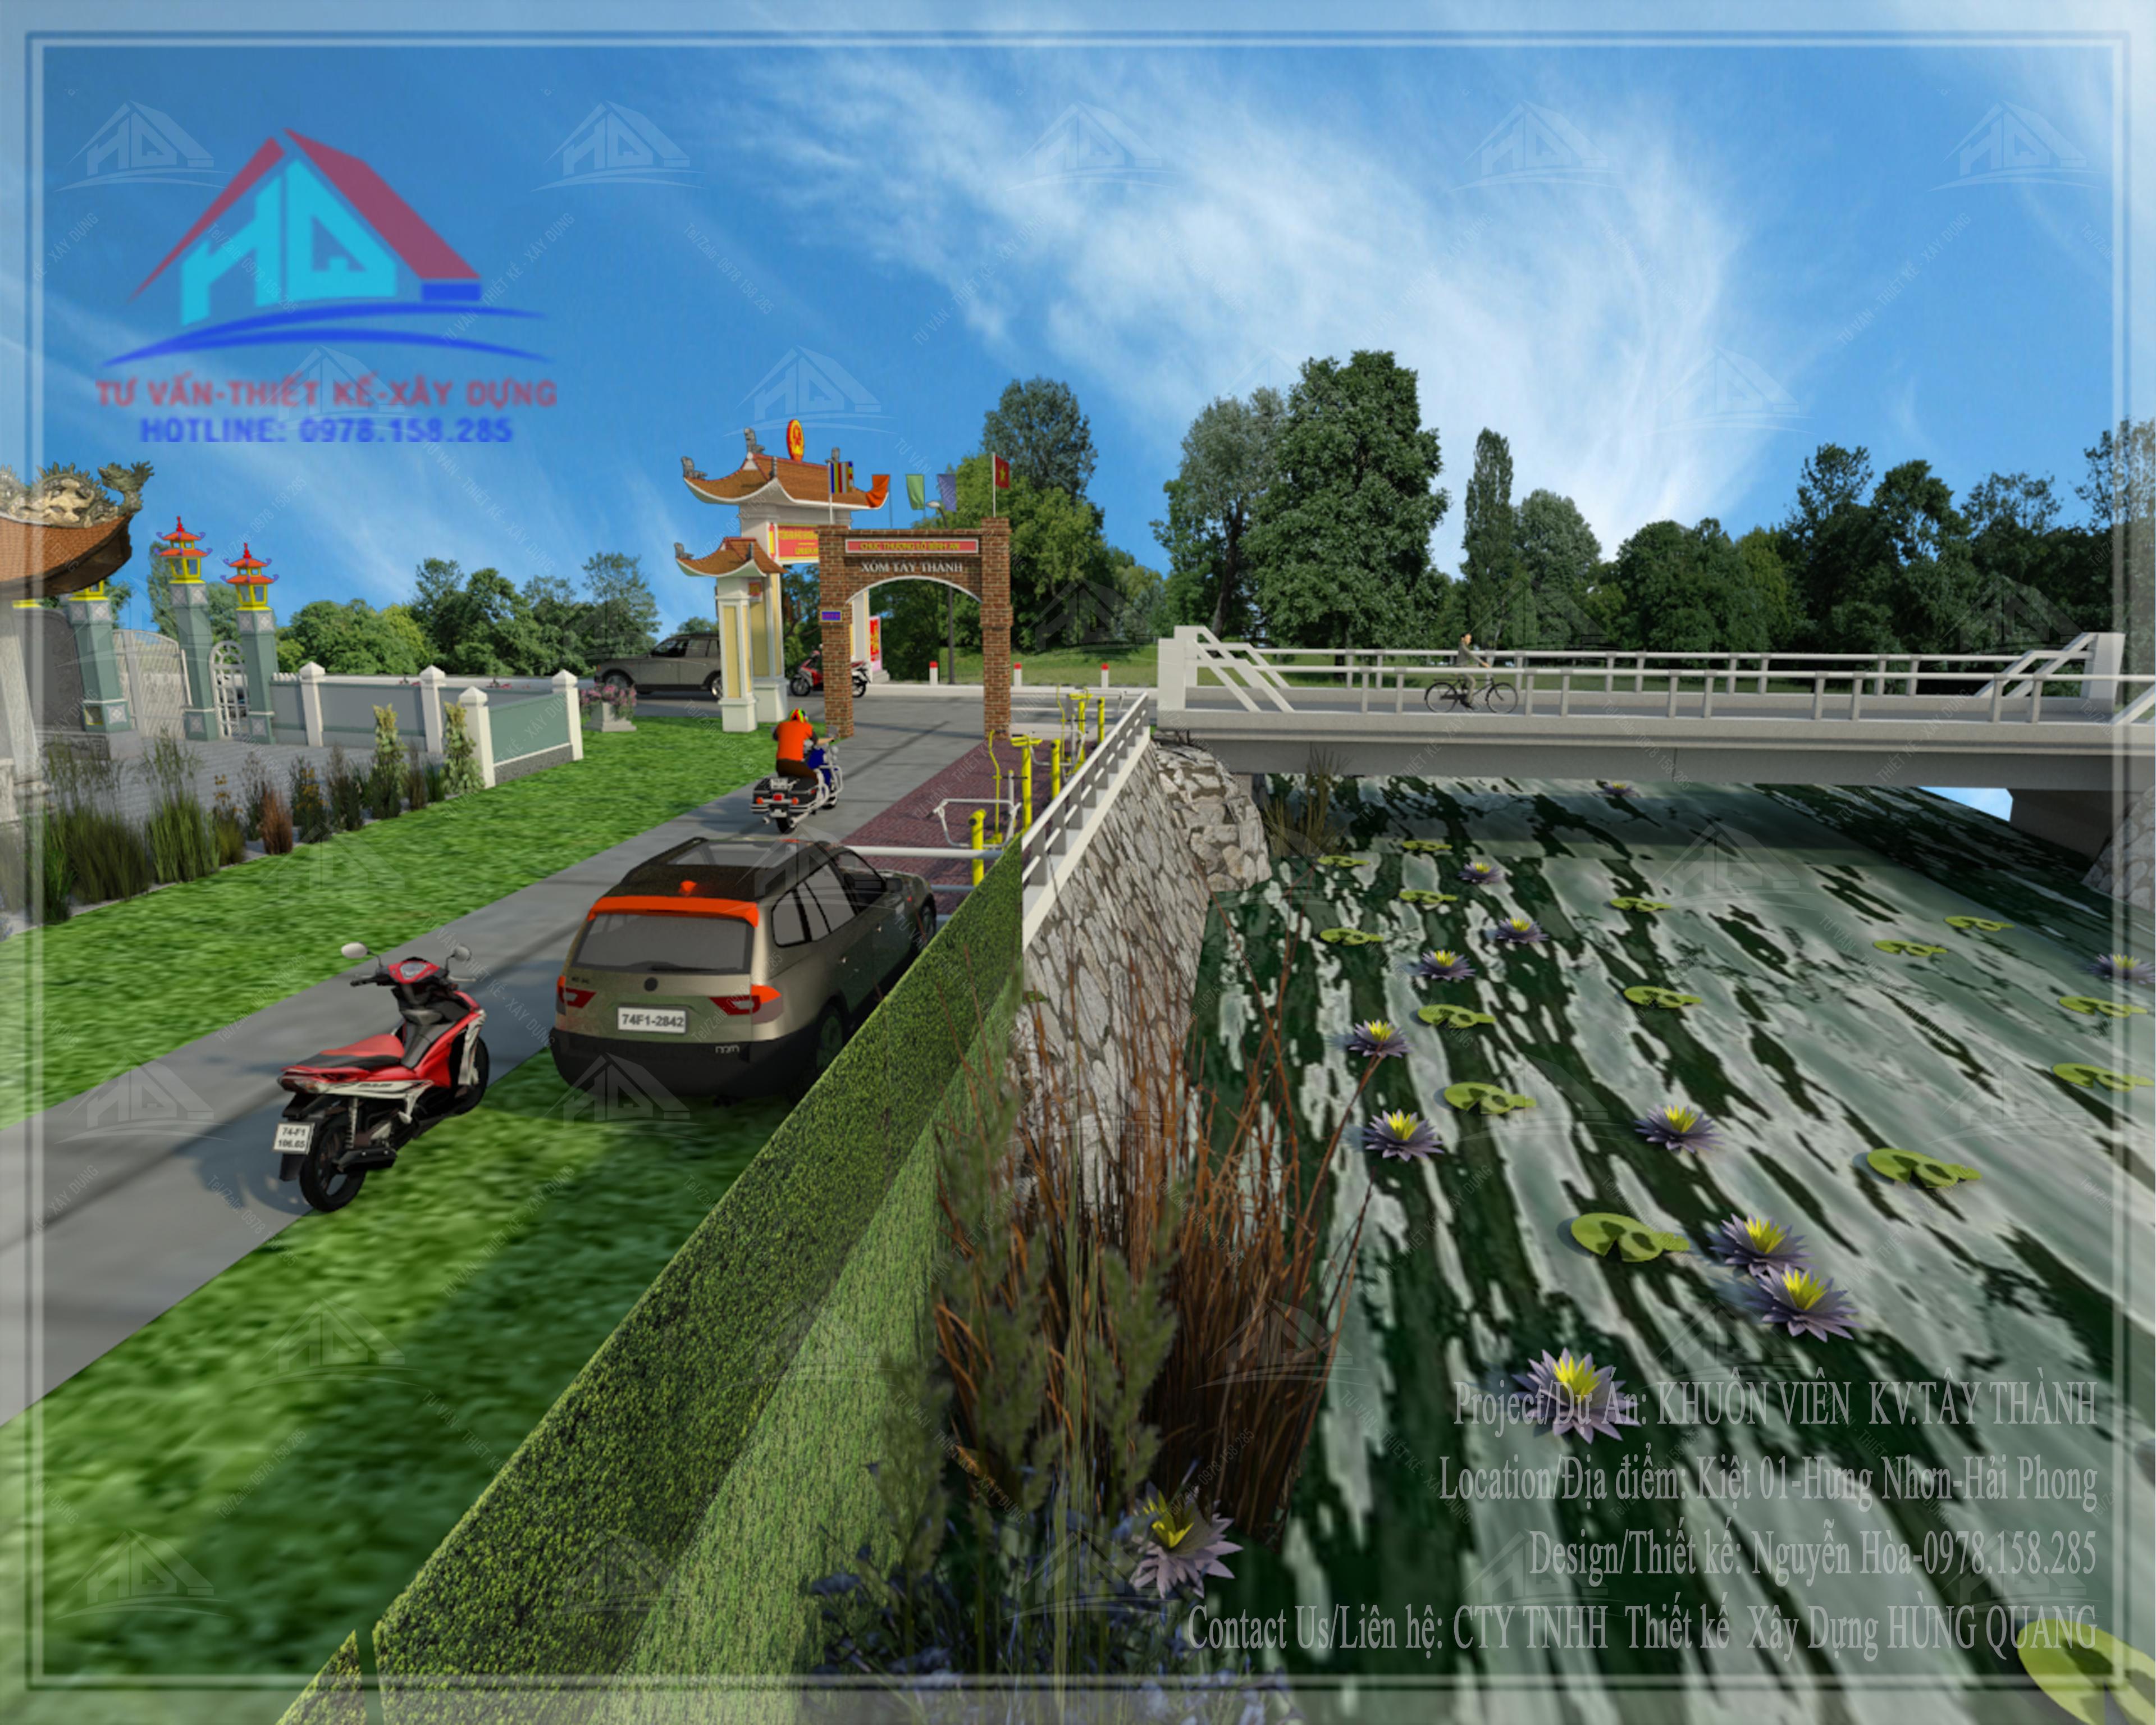 thiết kế công viên đẹp thiết kế chùa đẹp tai quang tri (1)